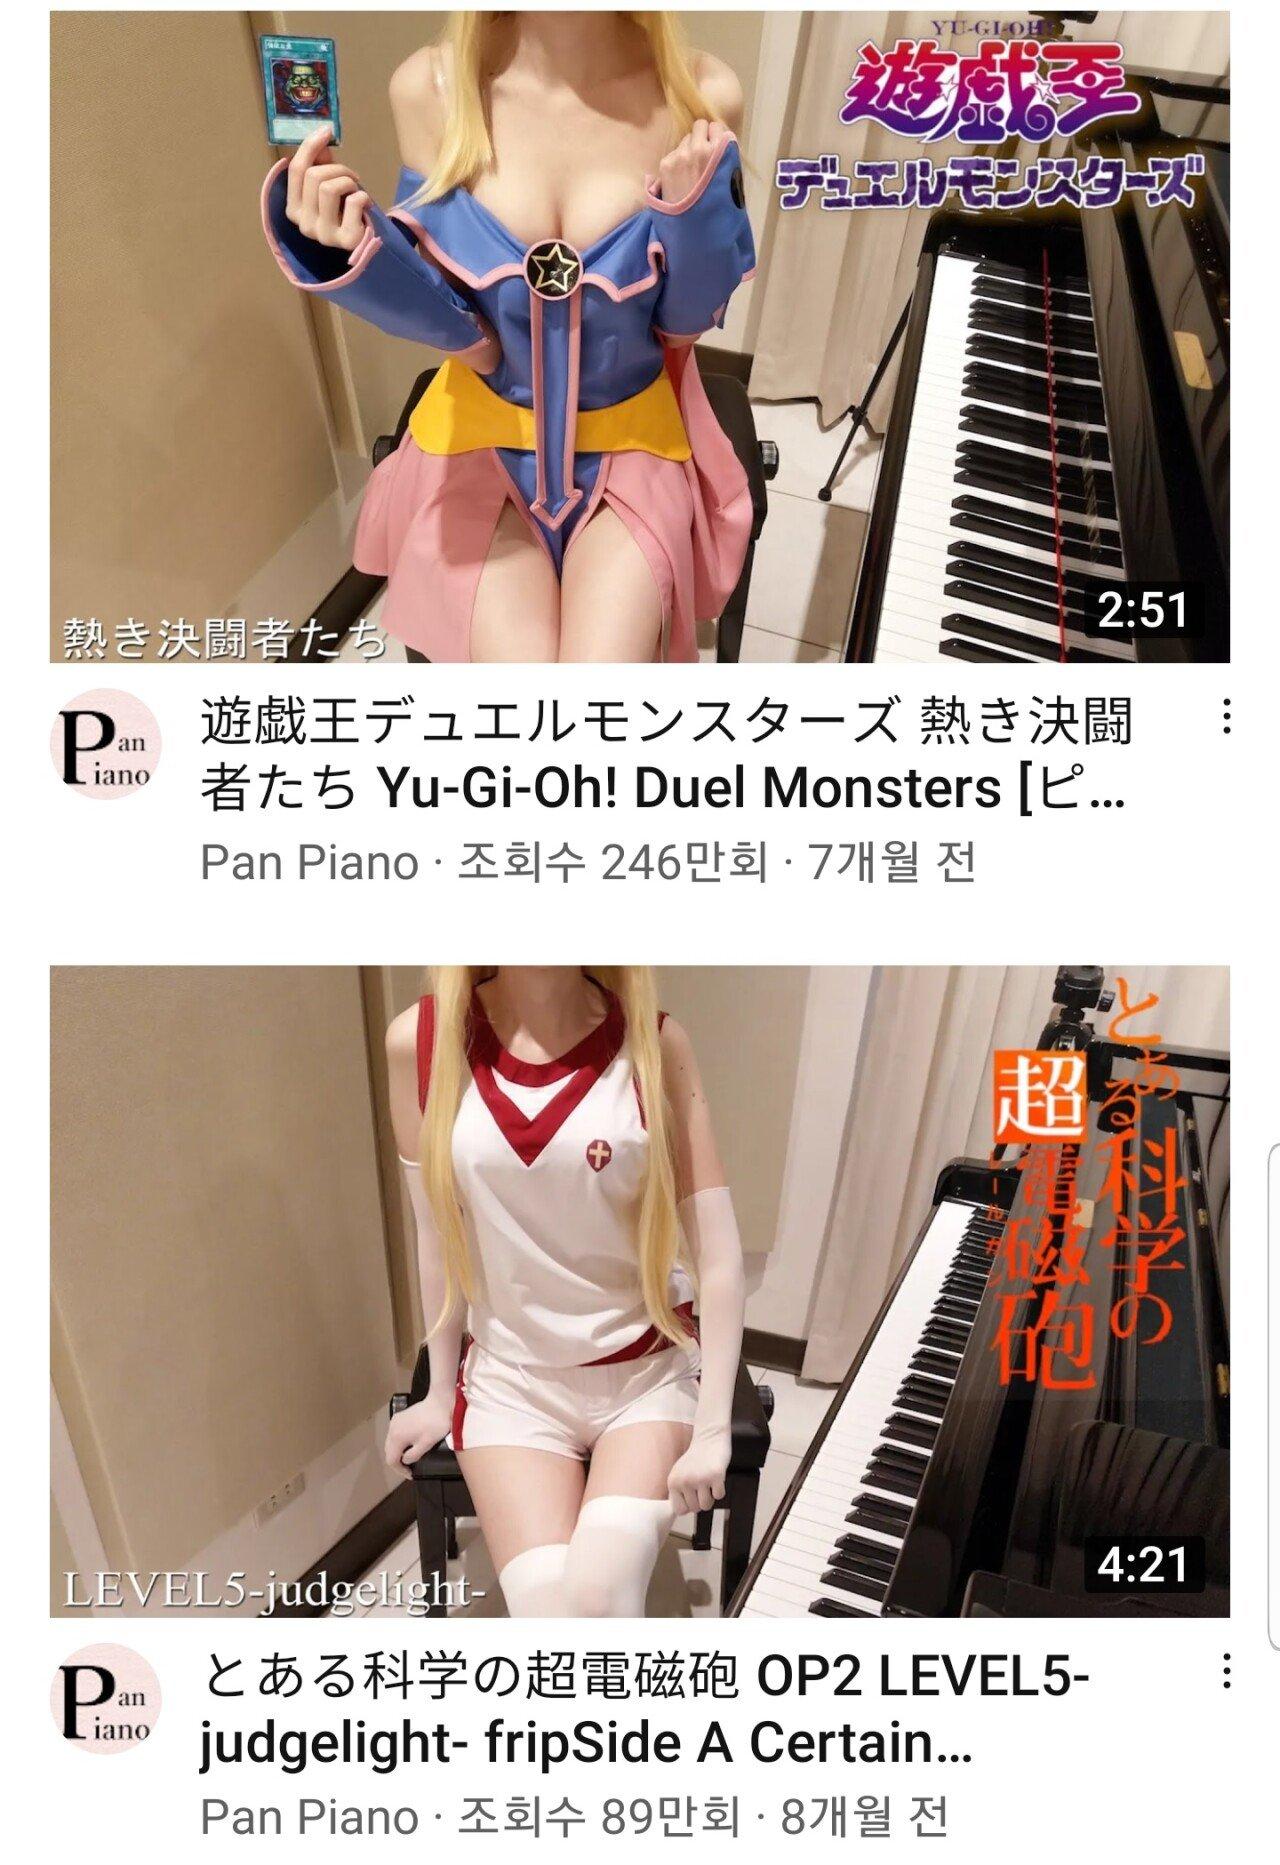 코스프레하고 피아노 치는 유튜브 처자 근황 - 꾸르